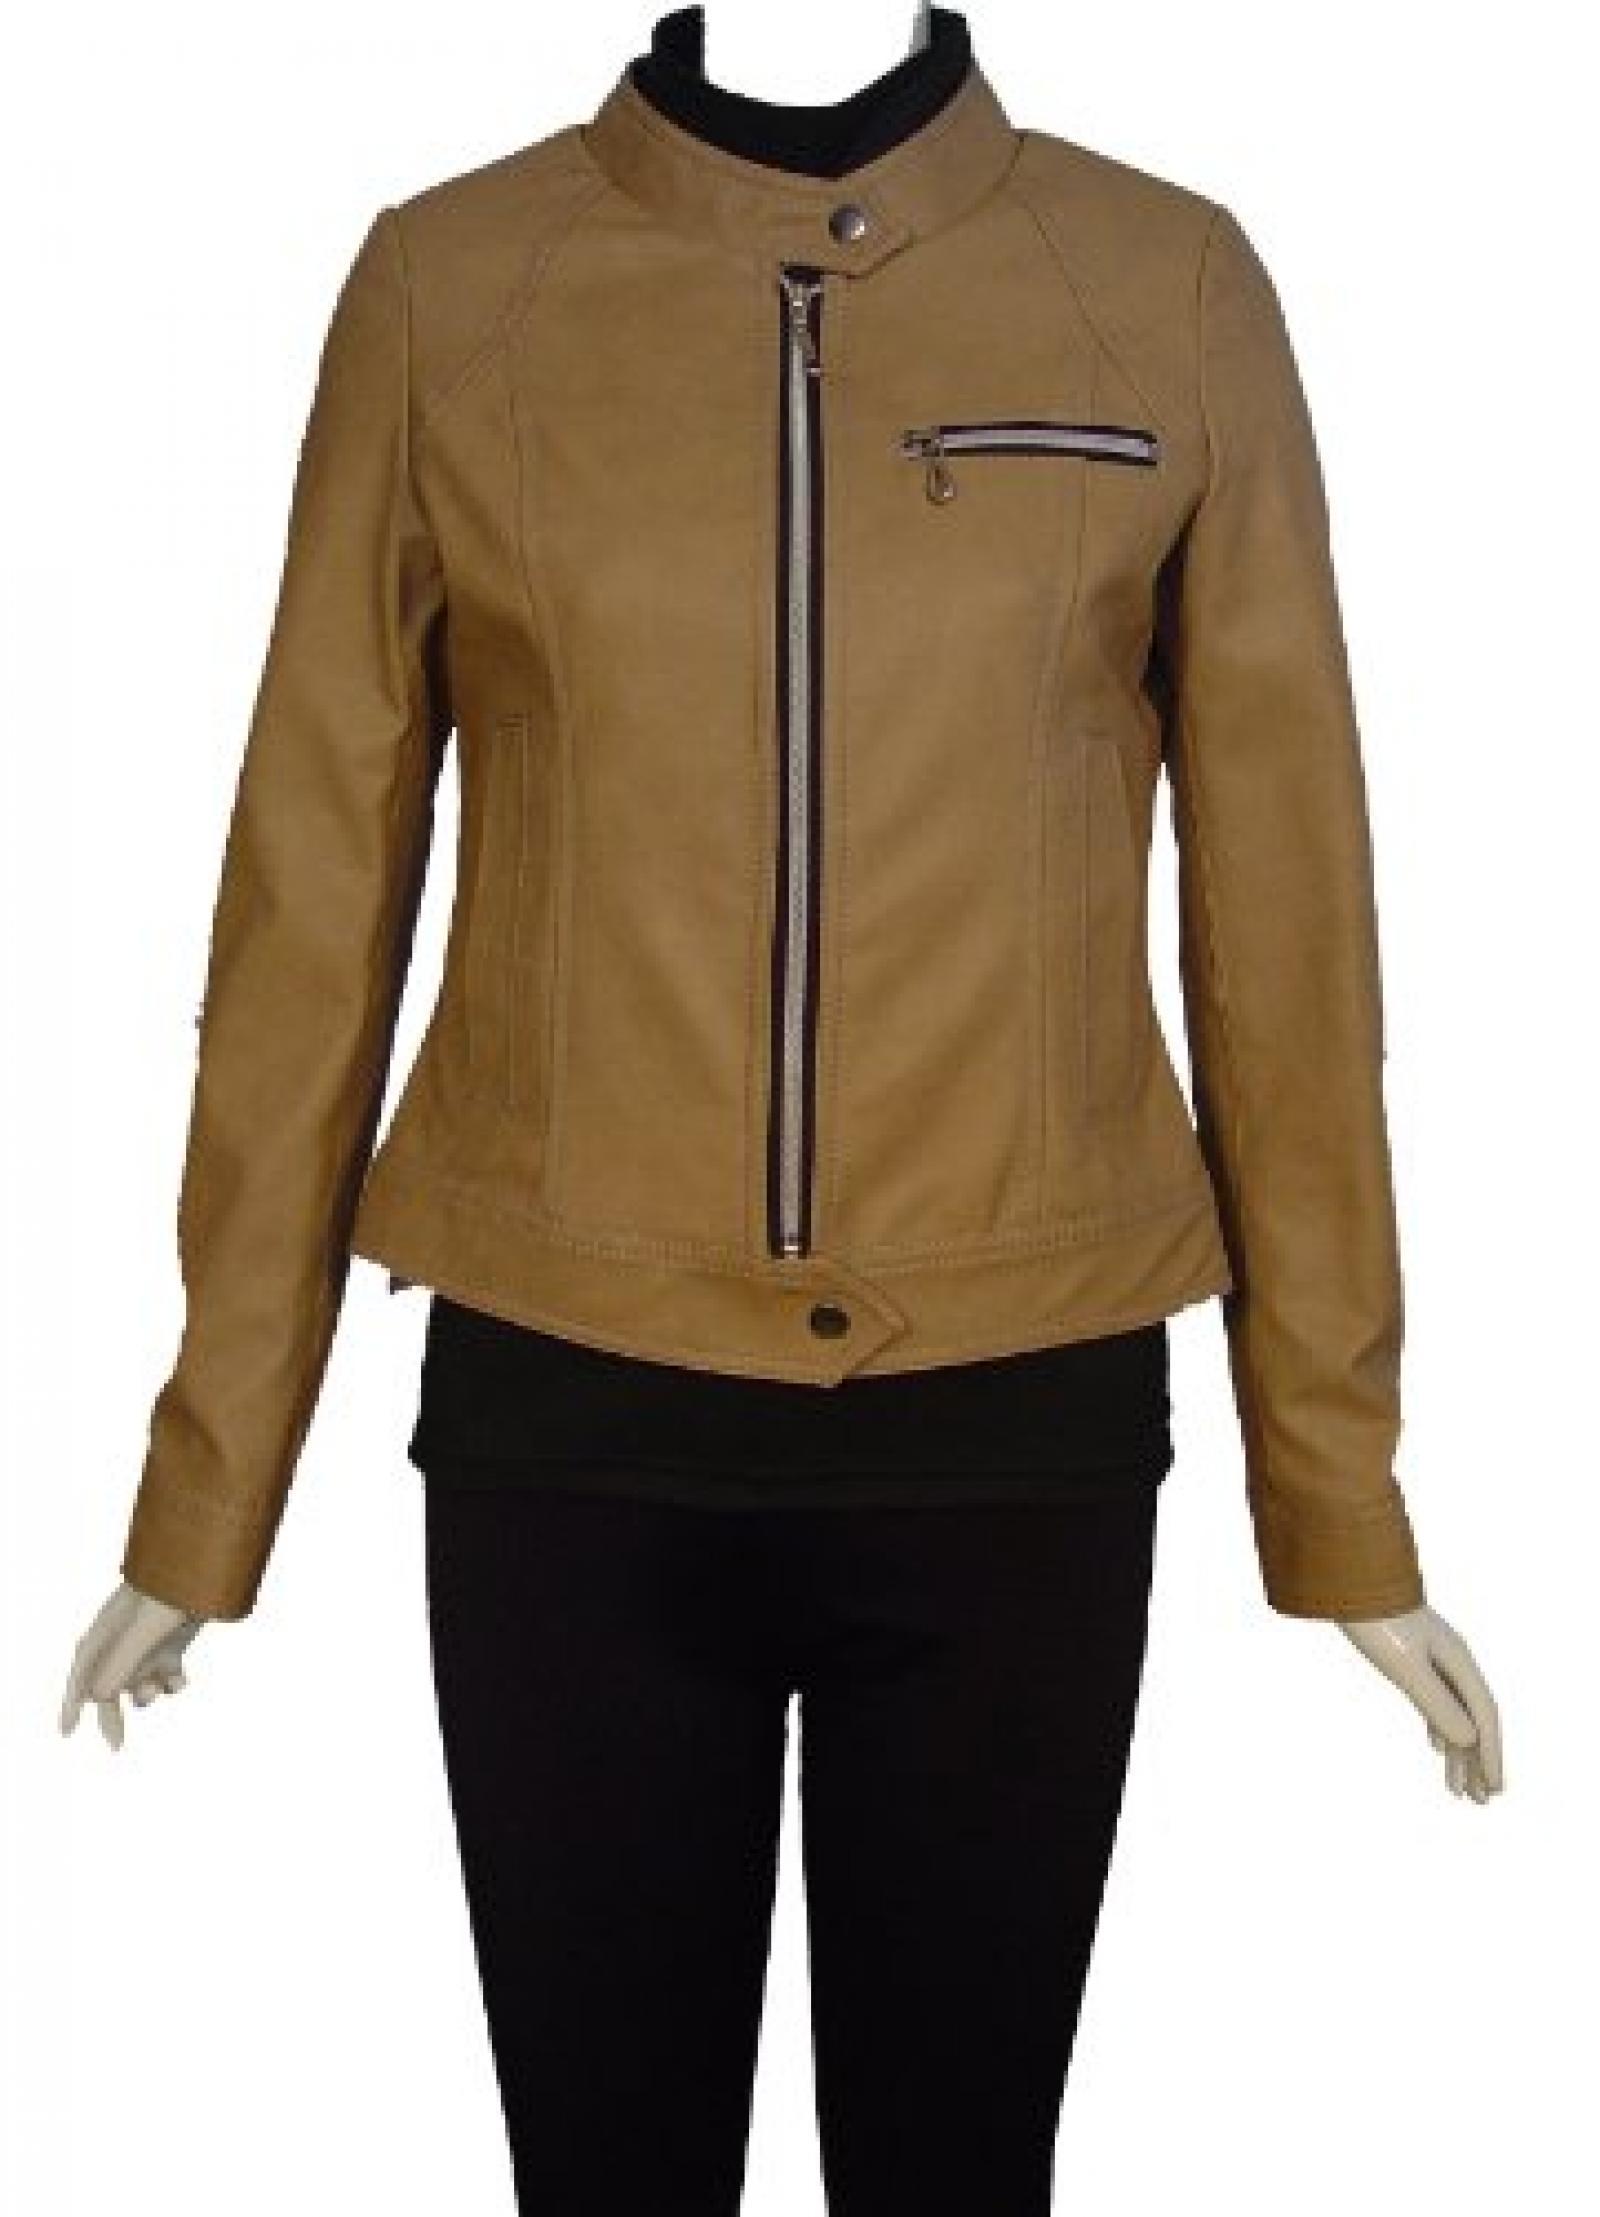 Nettailor Women 4063 Lamb Leather Motorcycle Jacket